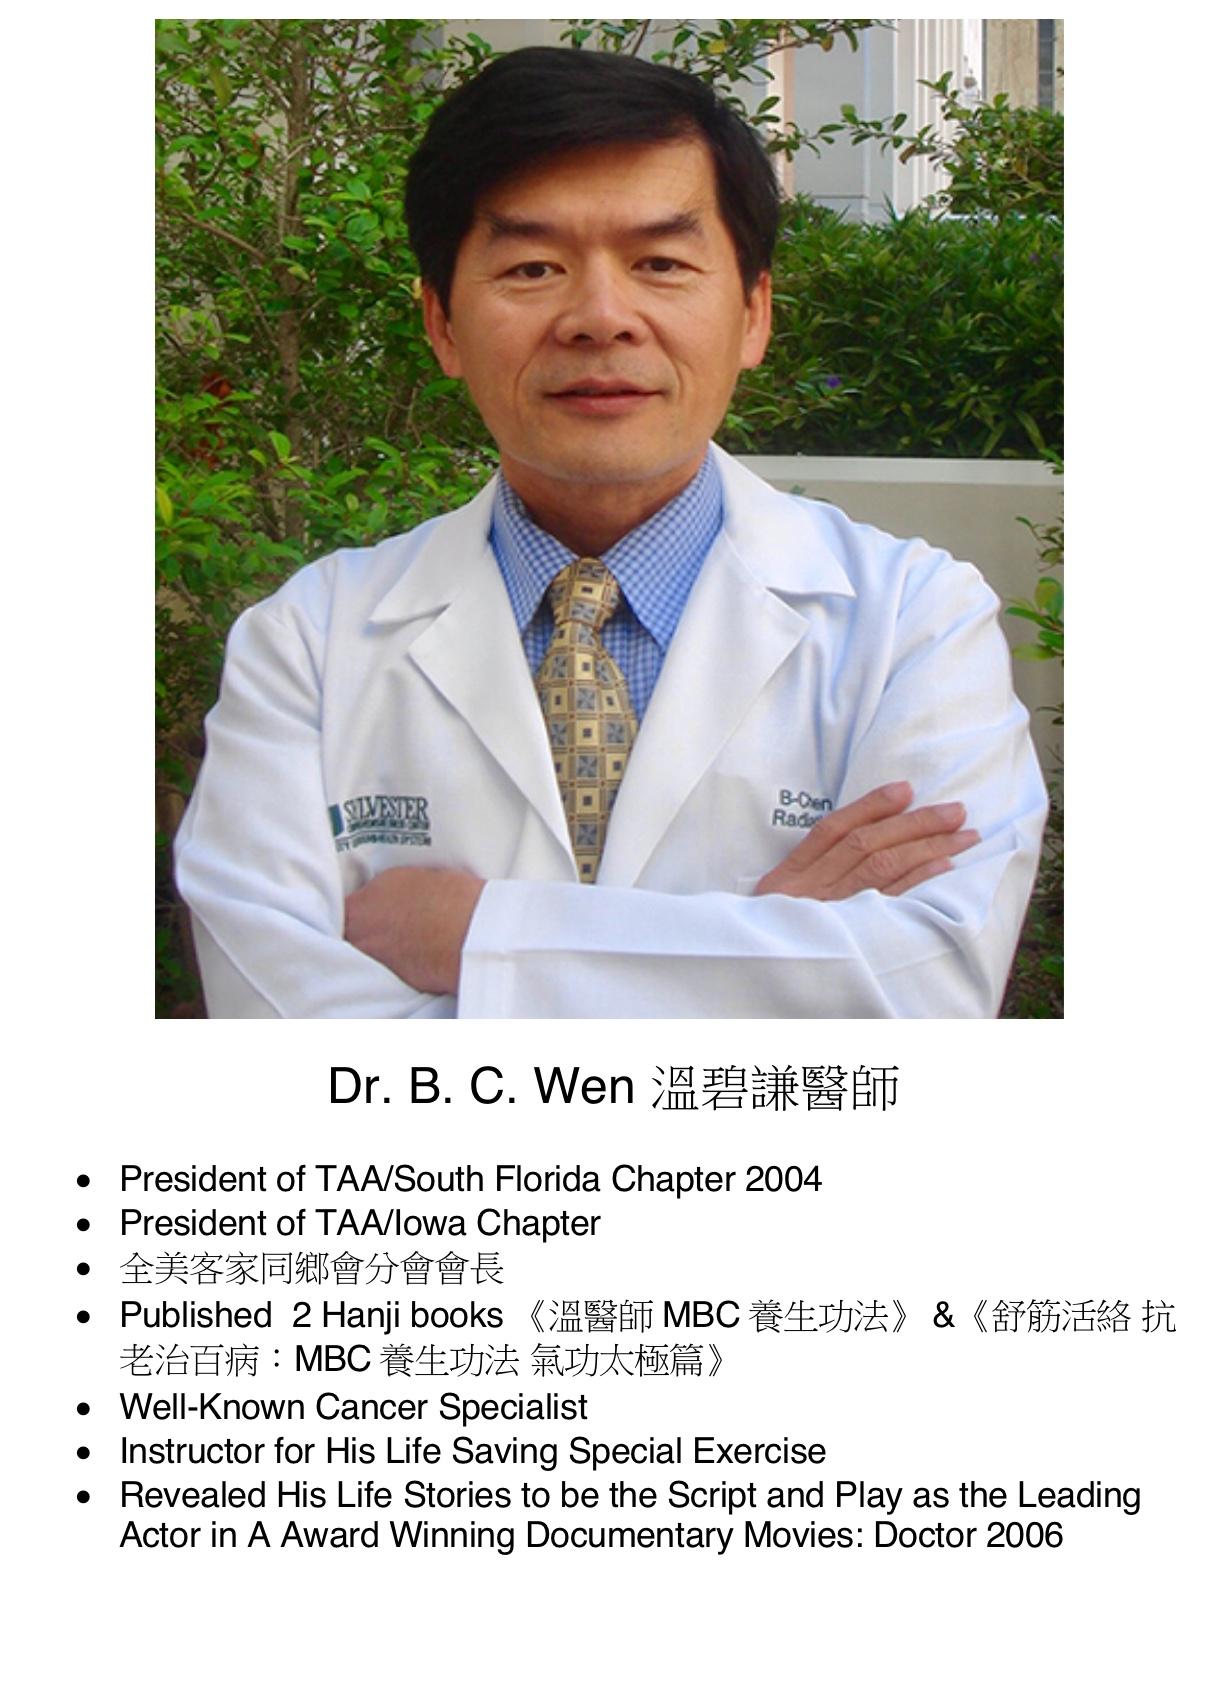 293. Dr. B. C. Wen 溫碧謙醫師